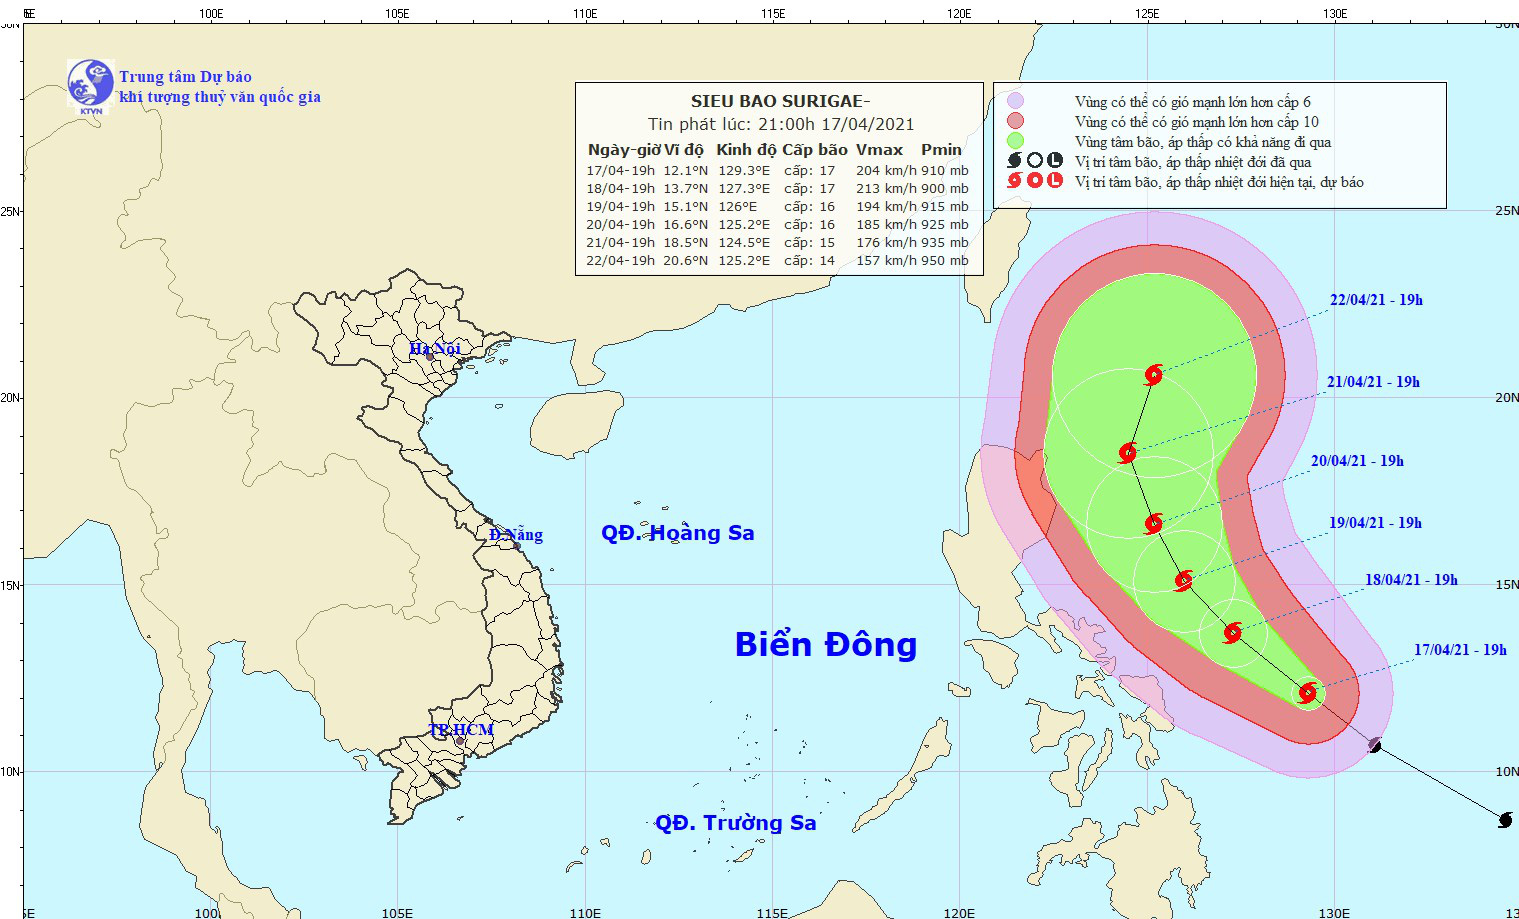 Siêu bão Surigae rất nguy hiểm, hướng bão thay đổi có thể sẽ ảnh hưởng trực tiếp tới biển Đông - Ảnh 1.